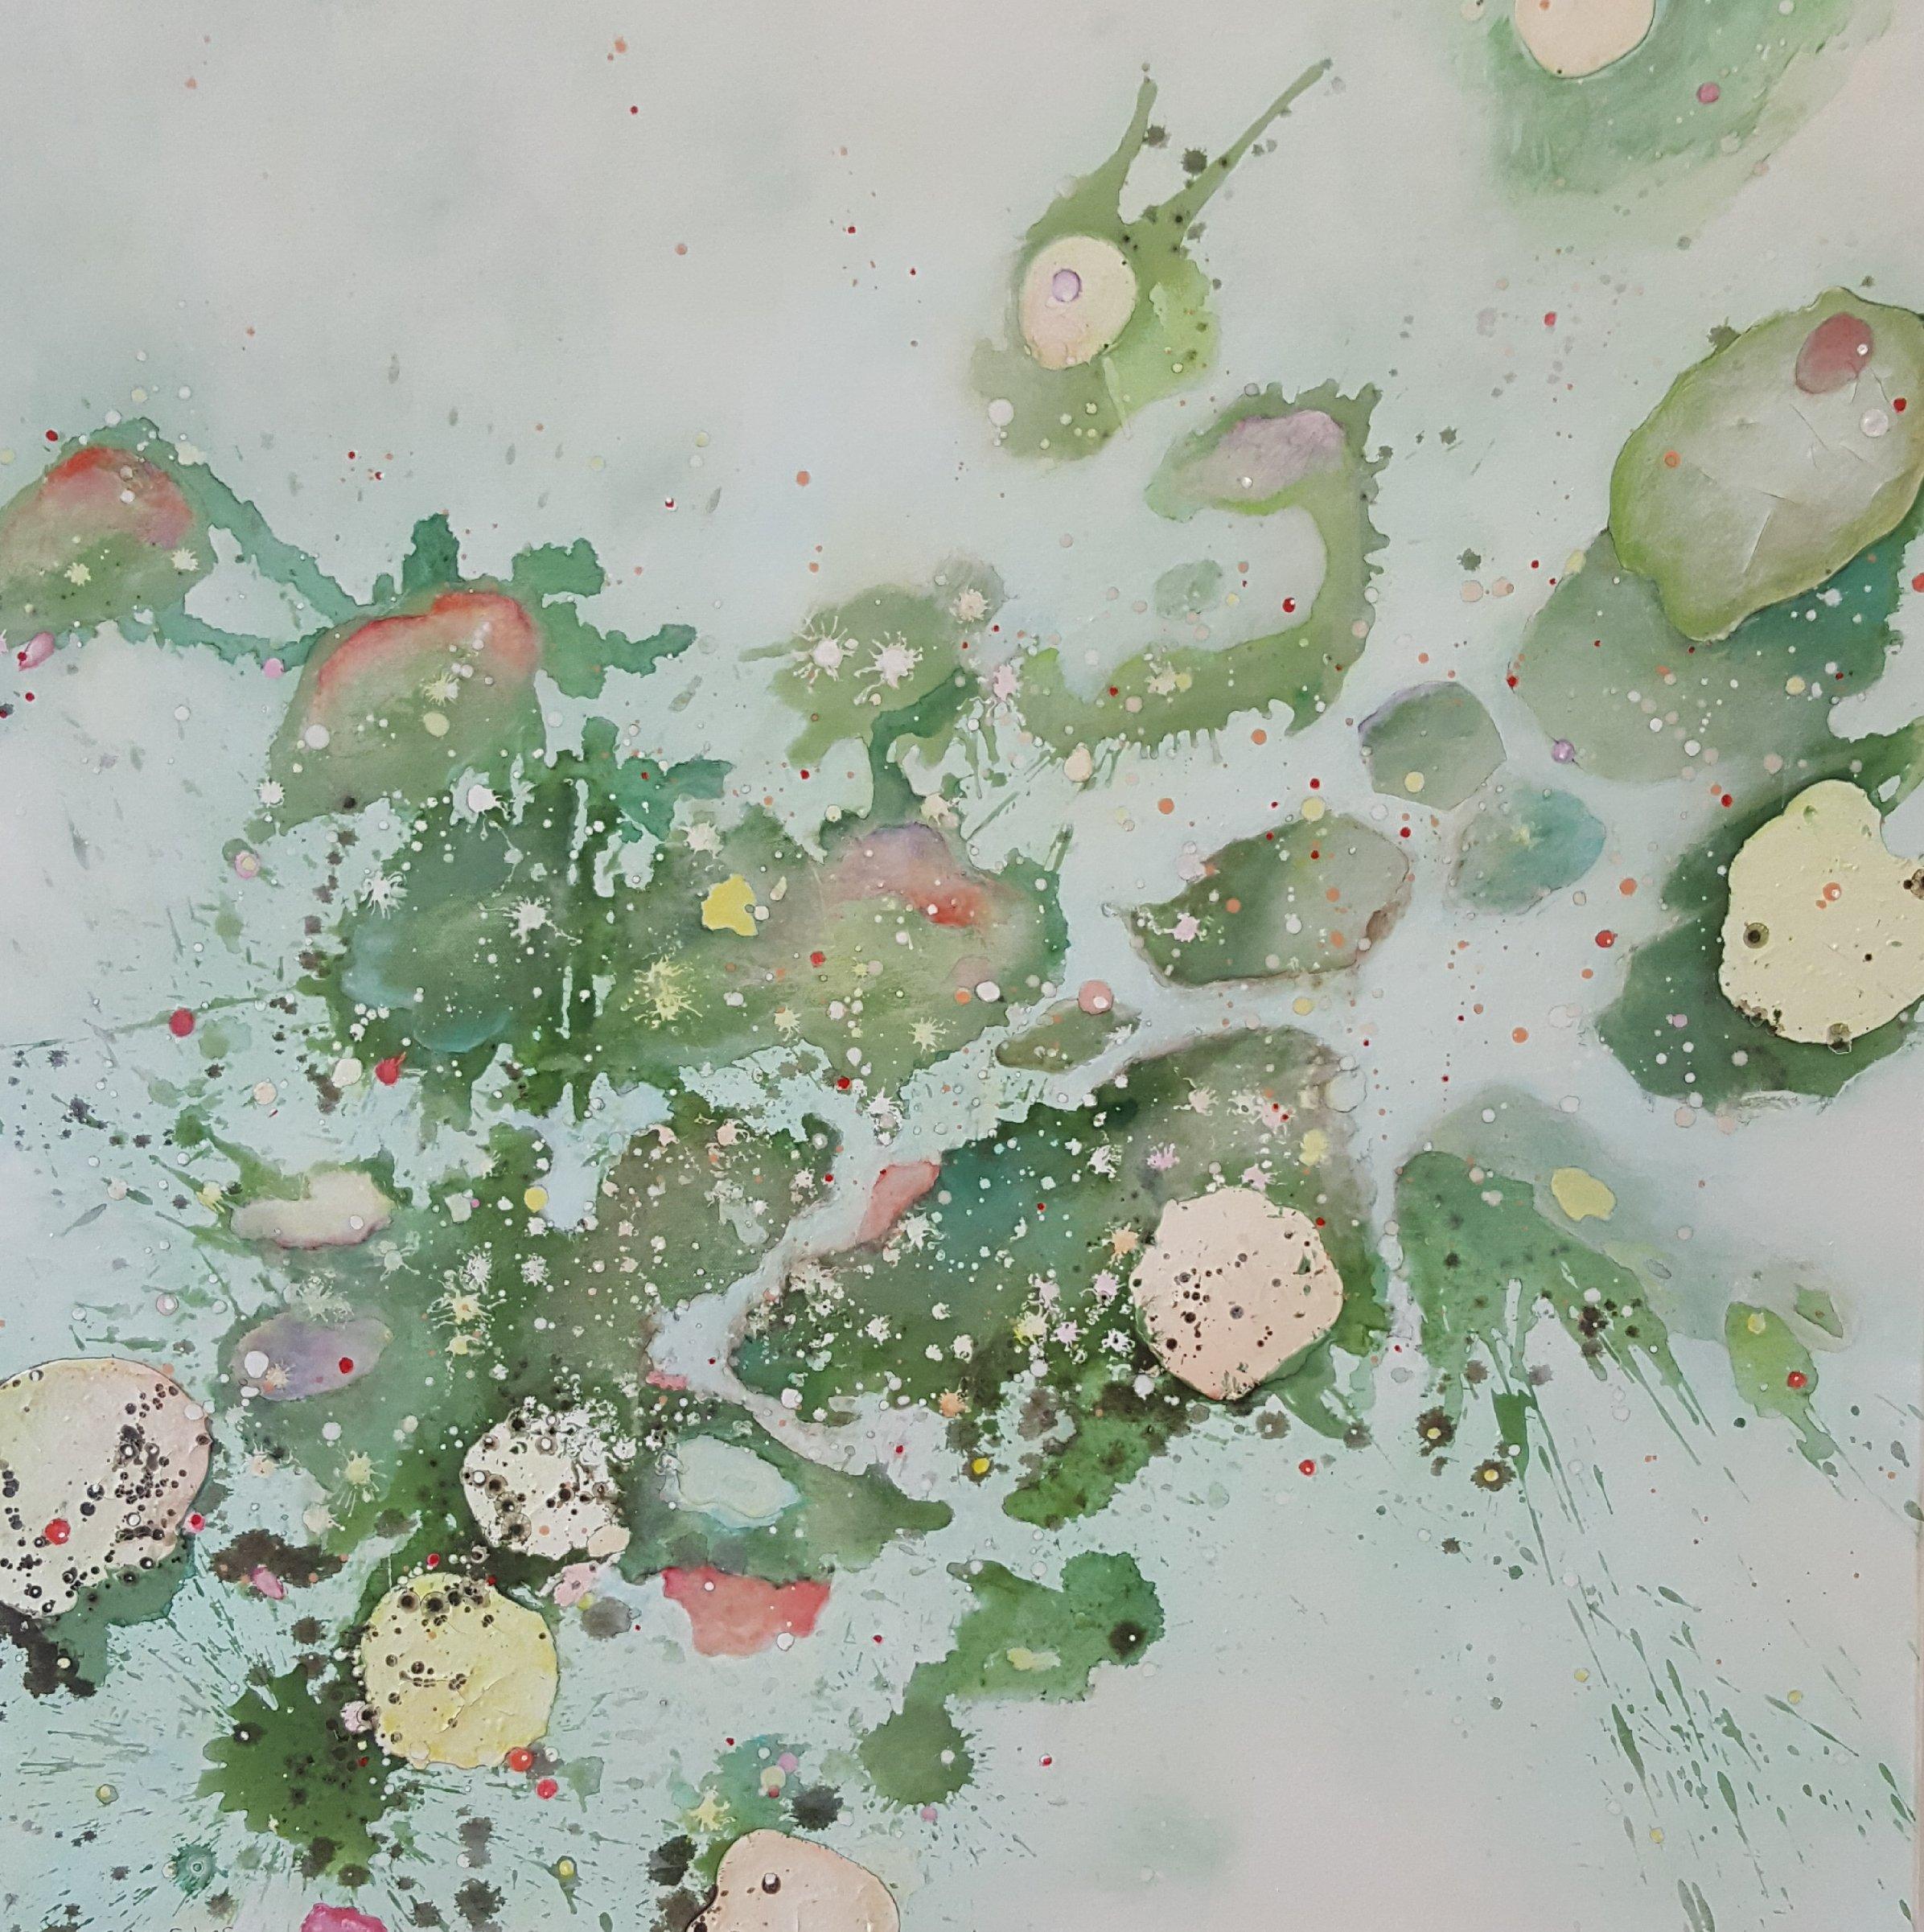 Sabine Endres: ohne Titel. Acryl, Öl und Stifte auf Leinwand, 100 x 100 cm, 2018